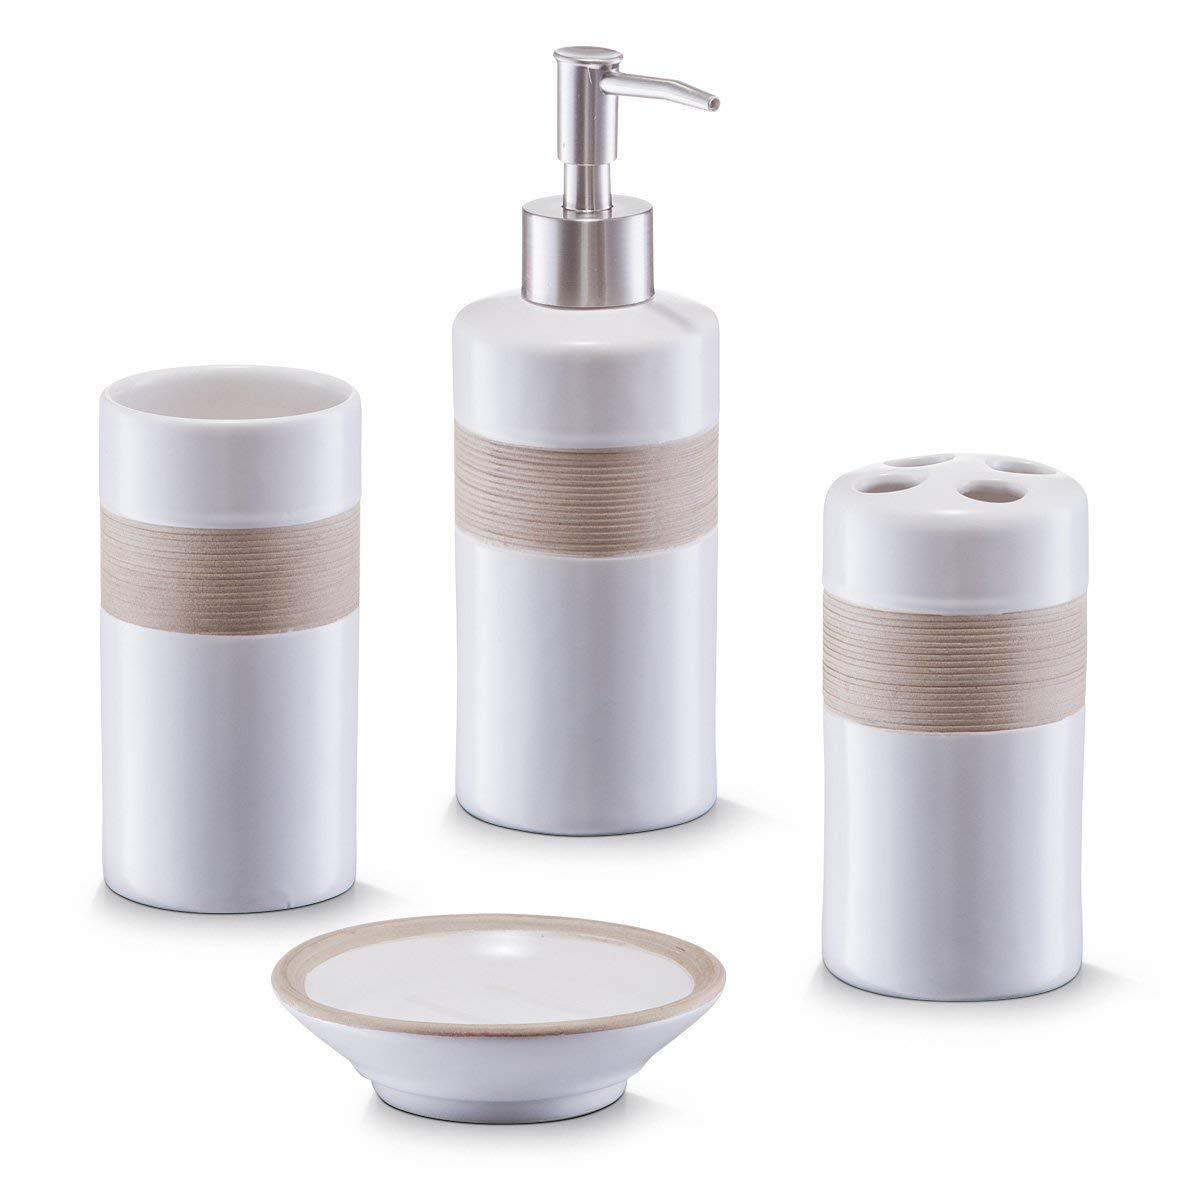 Zeller 18266 Set di Accessori per Bagno, Ceramica, Bianco, 0.1x0.1x0.1 cm, 4 unità 4 unità